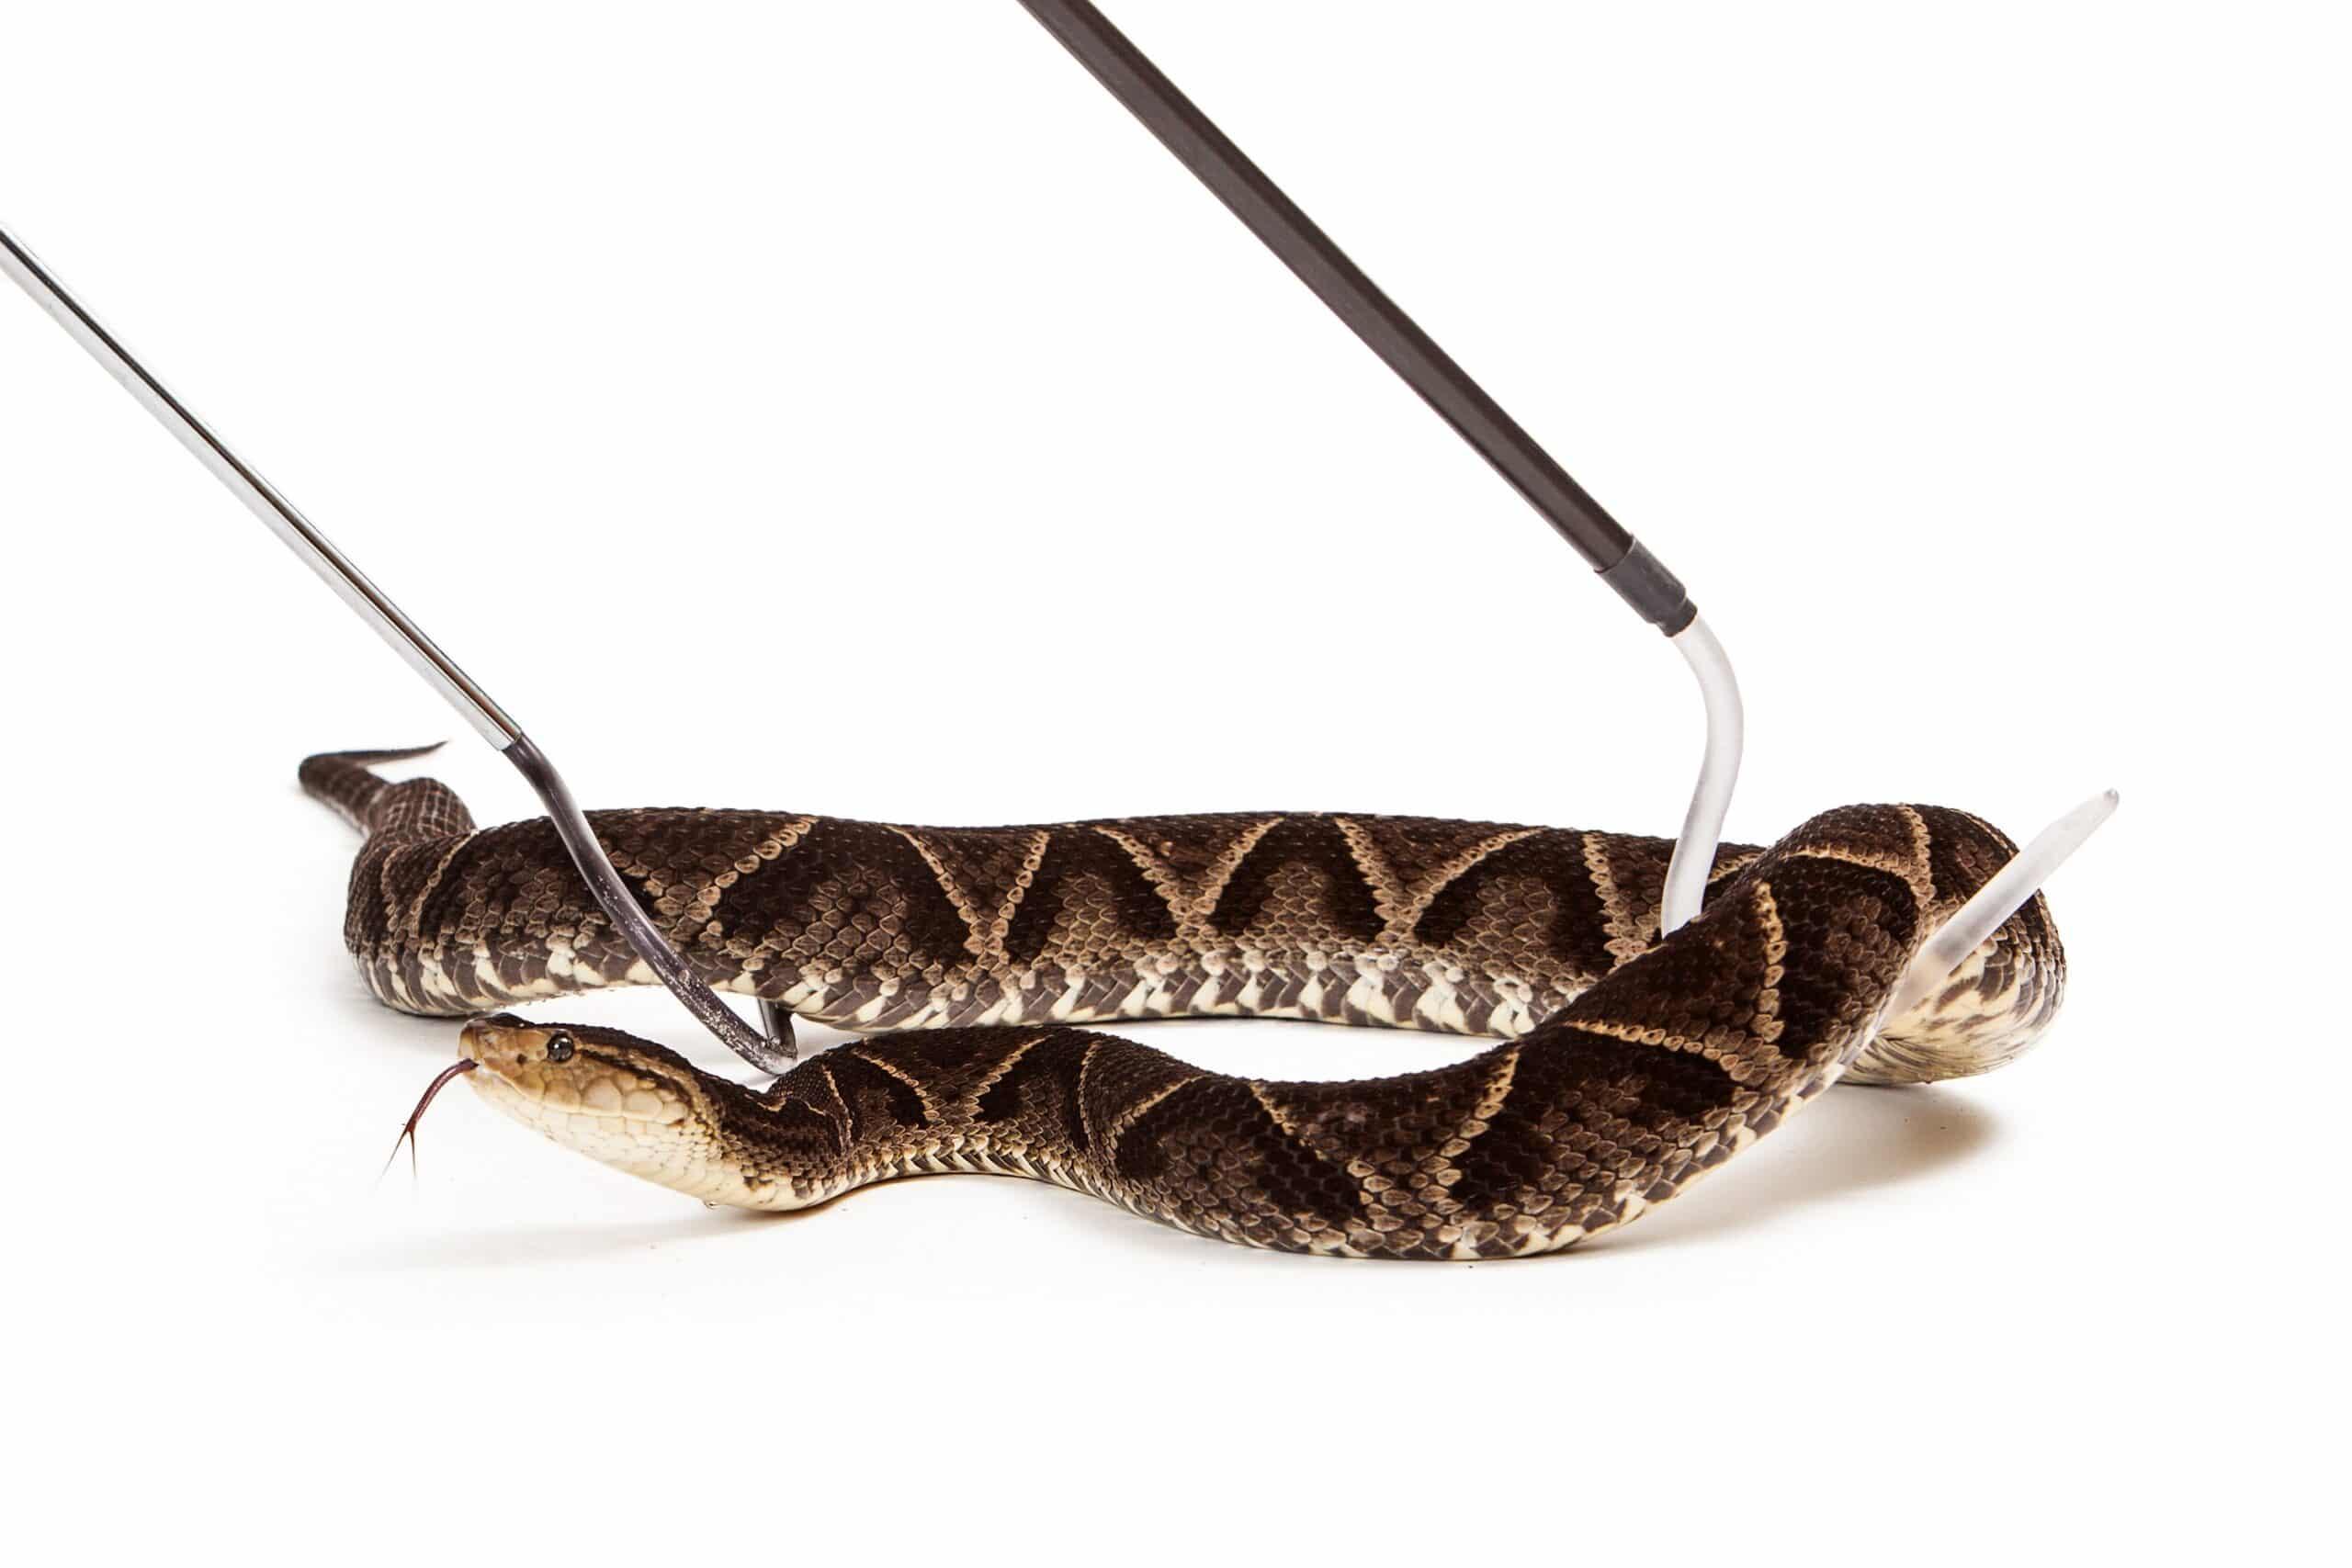 הדברה s-hadbara מדבירים מוכרים חכמים מבוגרי המוסמכים בתחום ההדברה שיודעים להדביר מזיקים בביוב תוך כדי איתור עכבישים וחרקים מעופפים